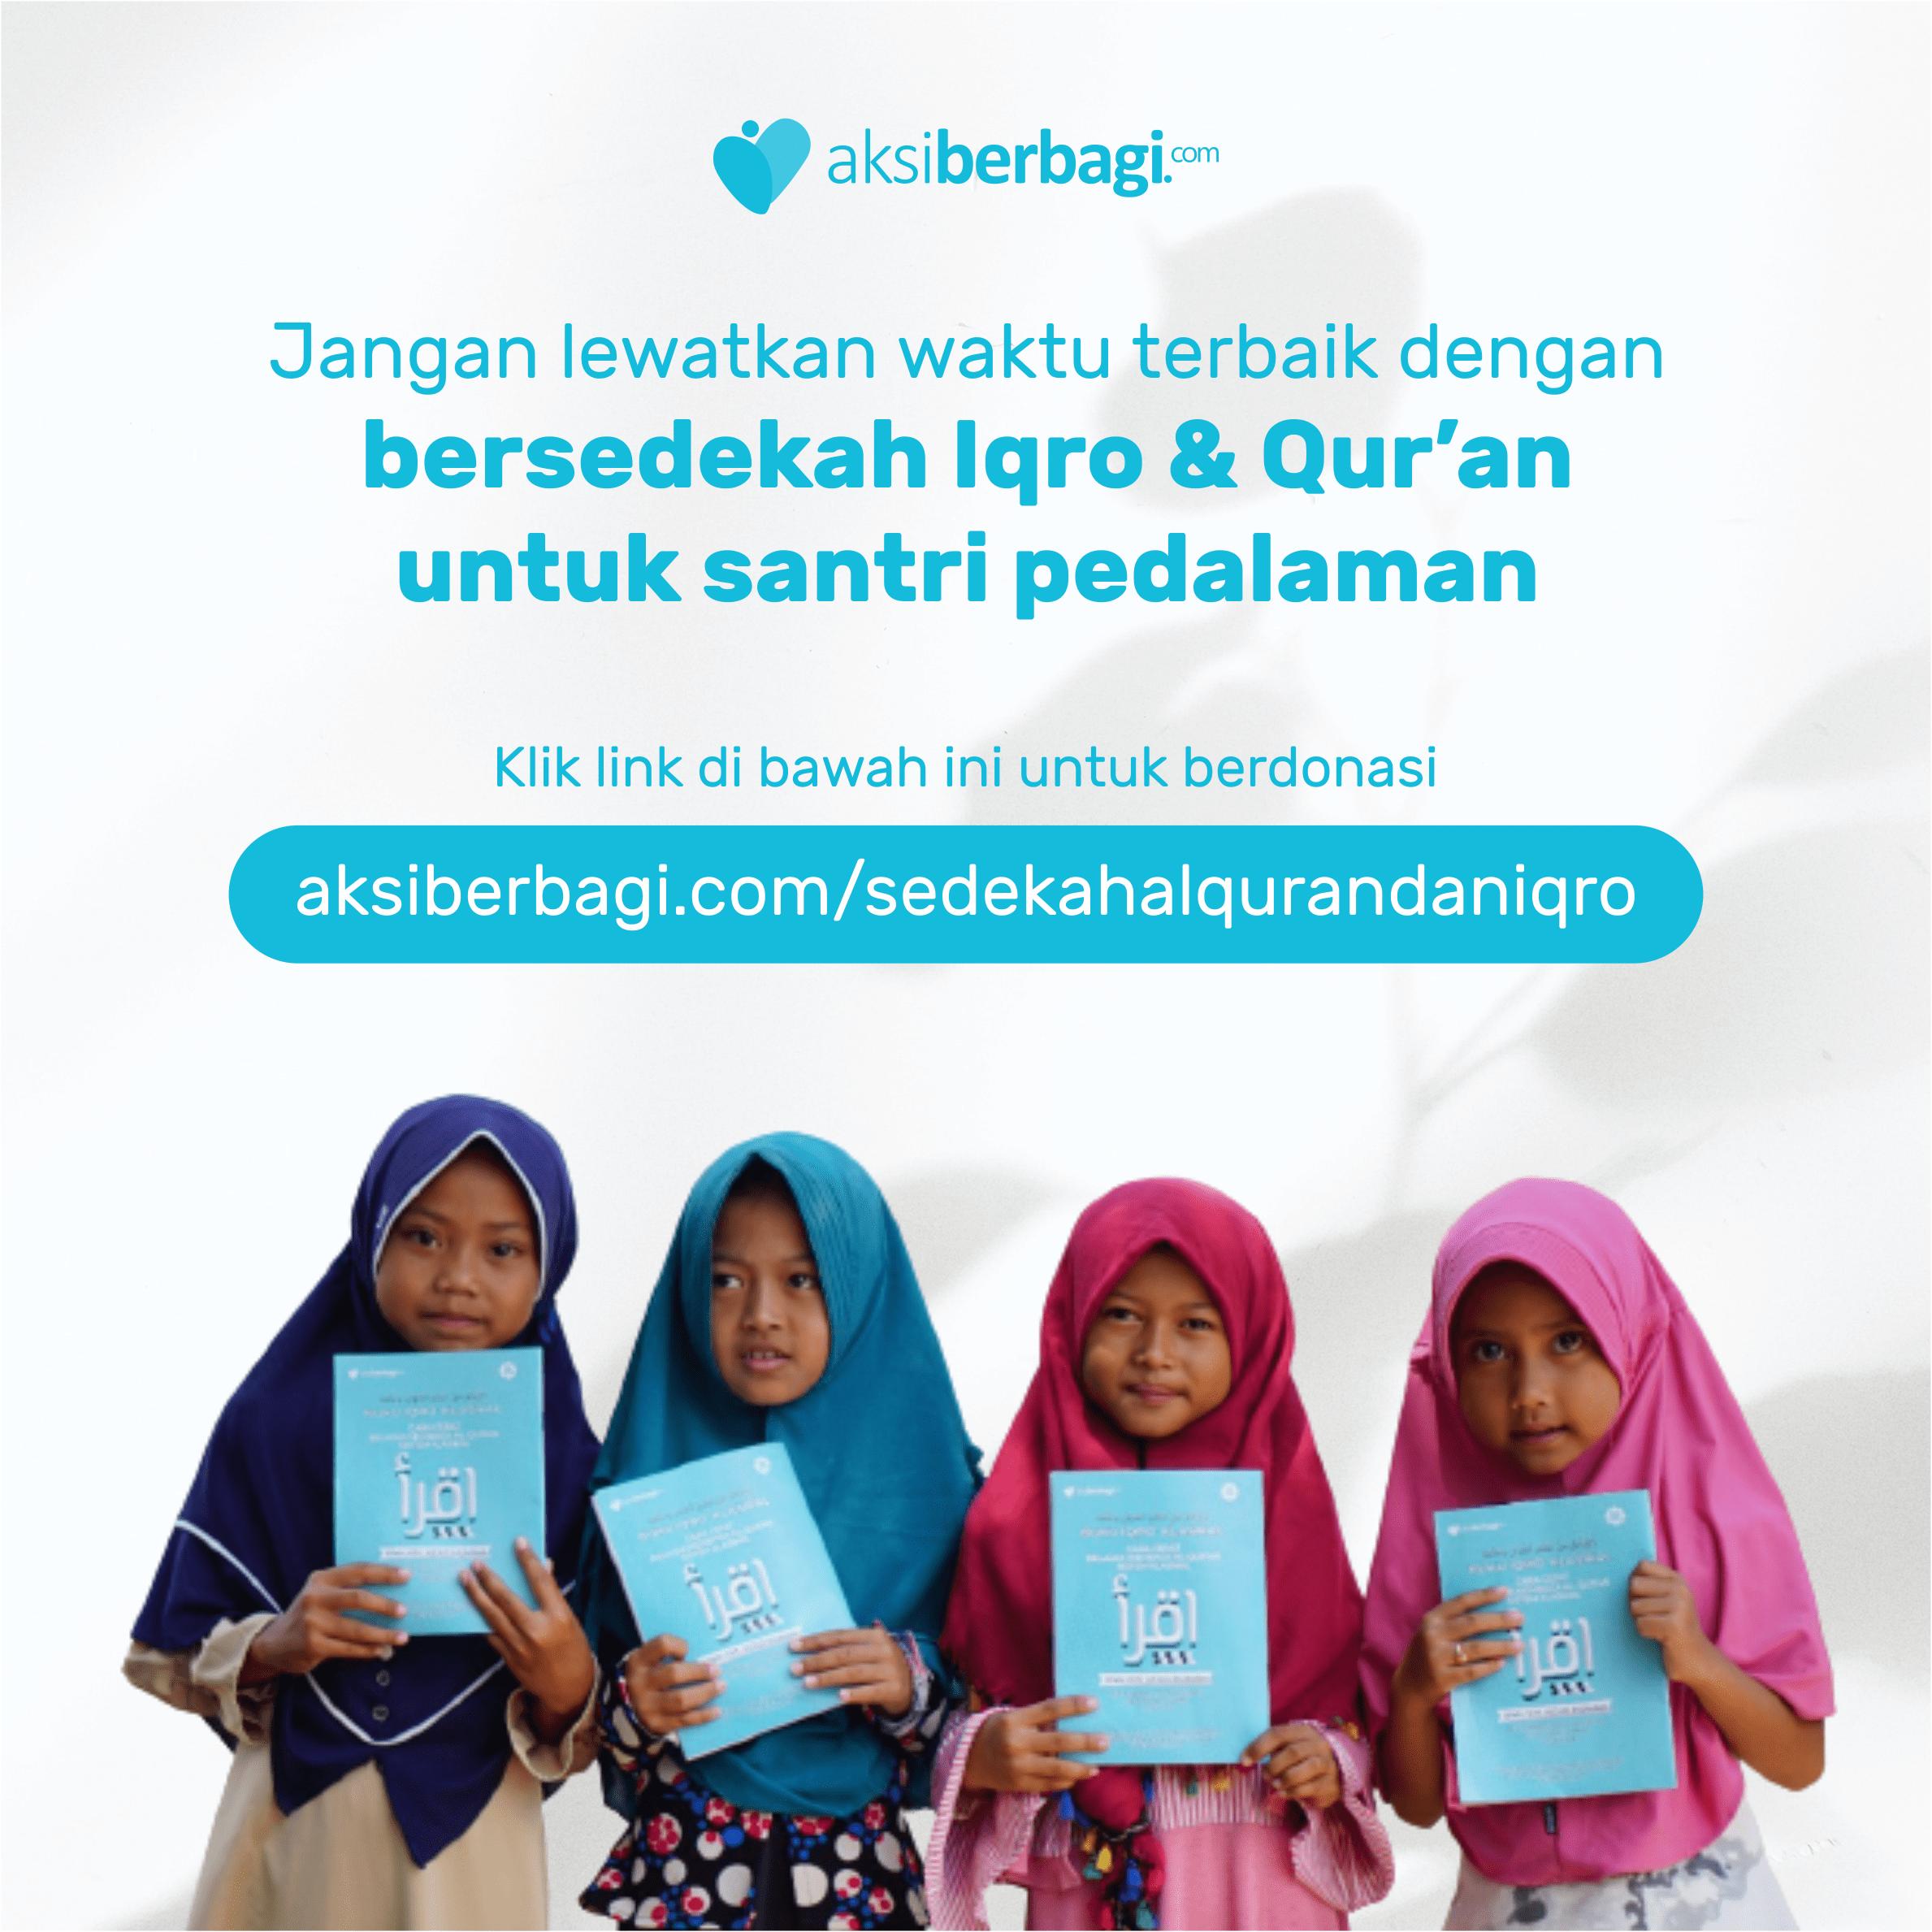 Manfaat Bersedekah Al-Quran untuk Santri